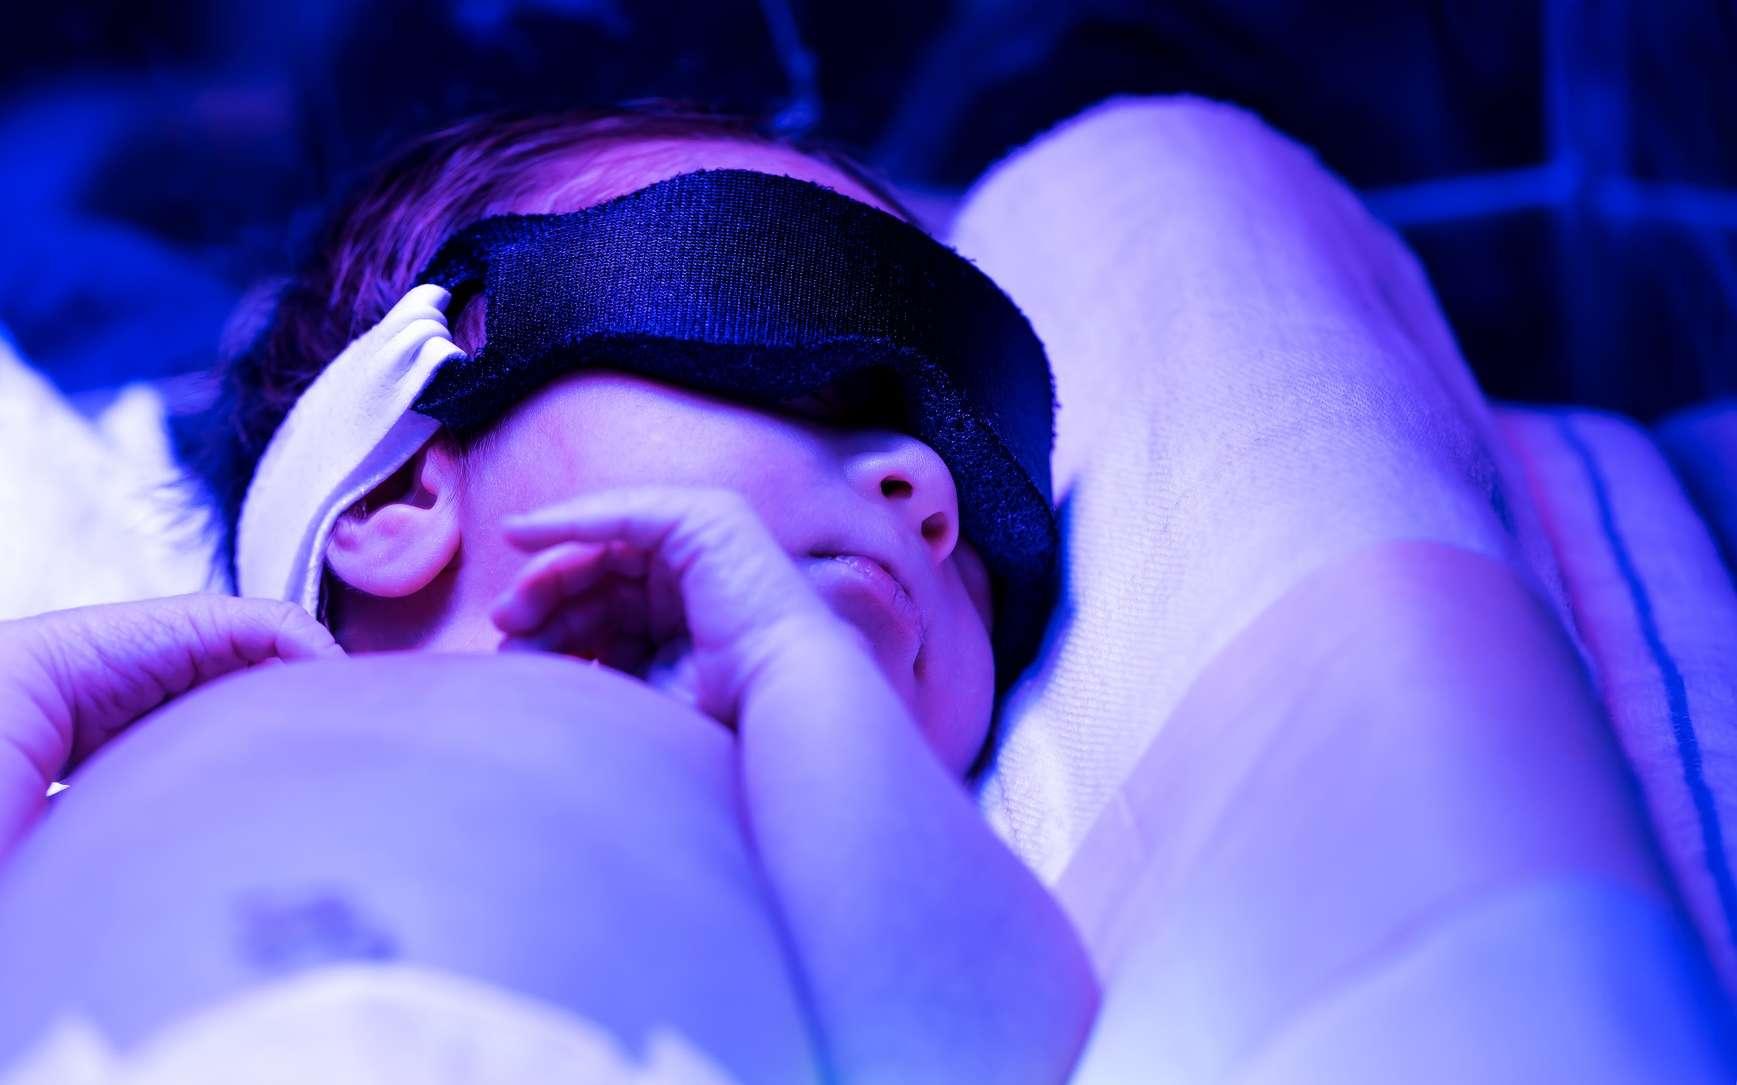 L'ictère du nouveau-né est dû à un taux trop important de bilirubine dans le sang. Il est traité par une exposition à de la lumière bleue. © Tierney, Fotolia